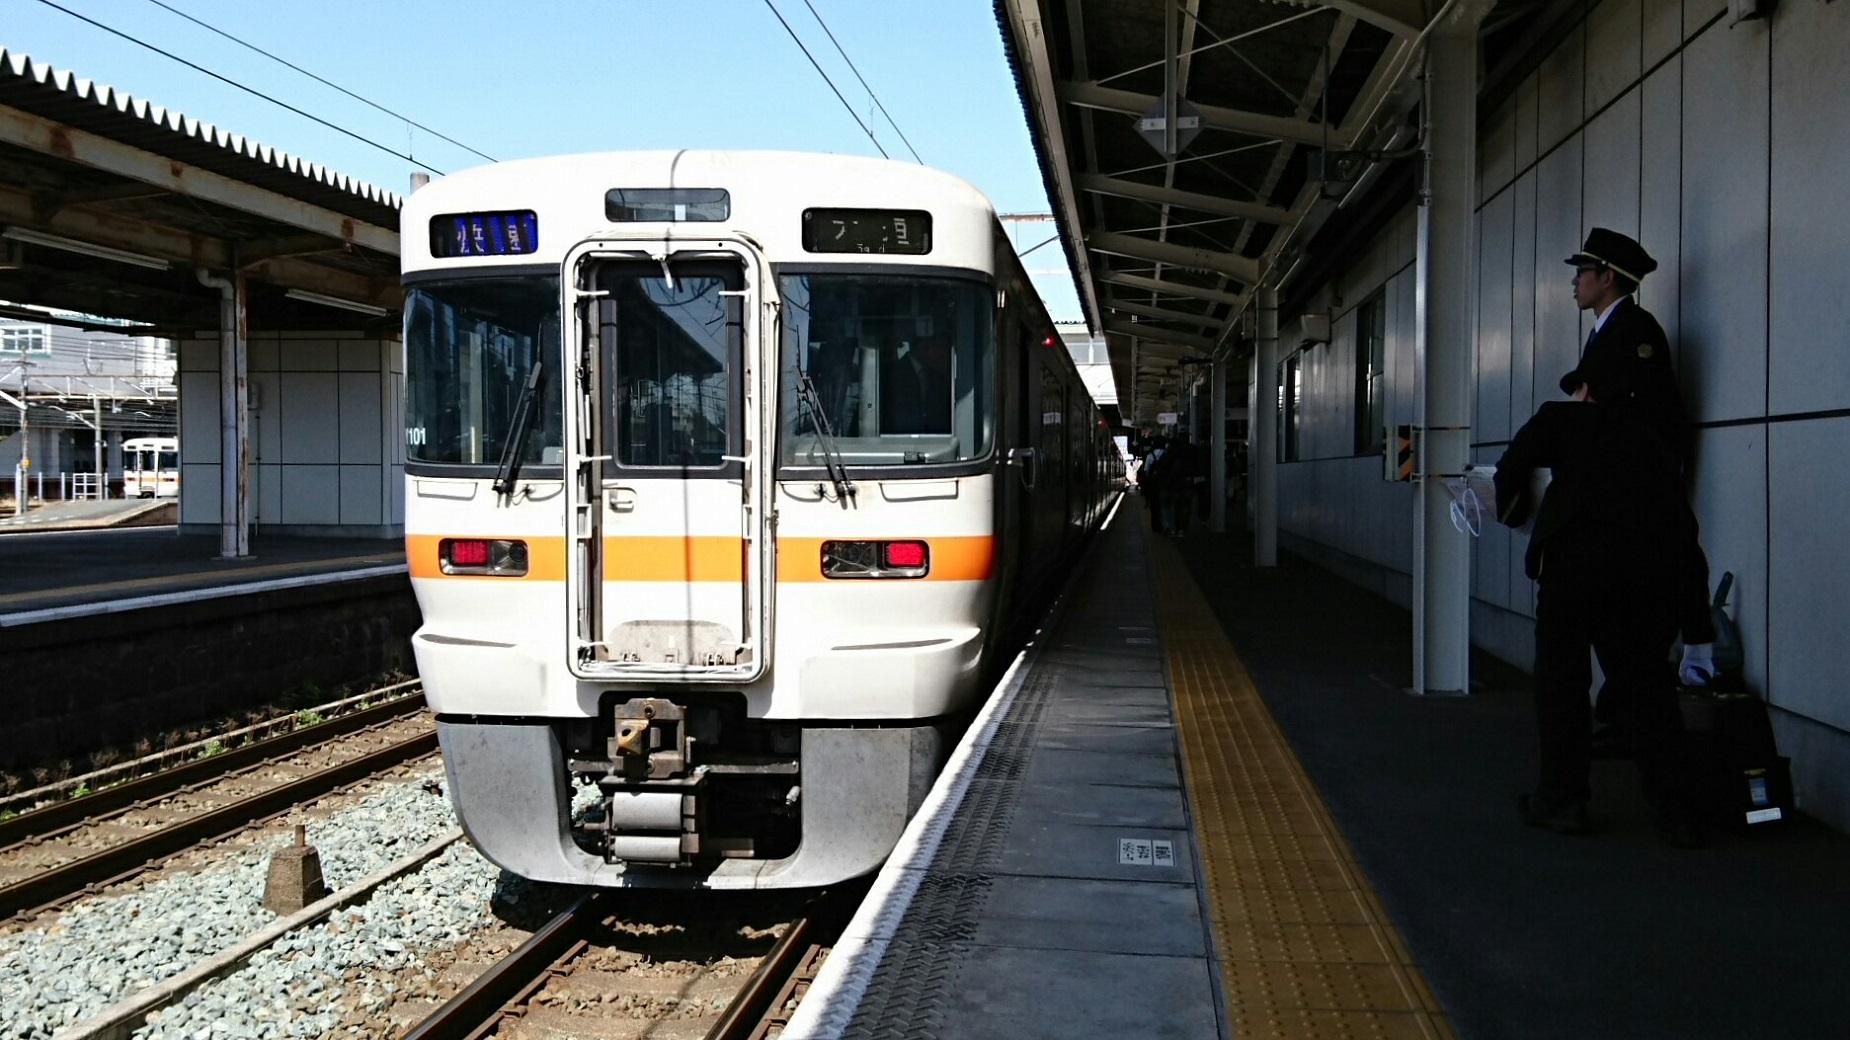 2018.3.23 東海道線 (29) 豊橋 - 豊橋いき快速 1850-1040